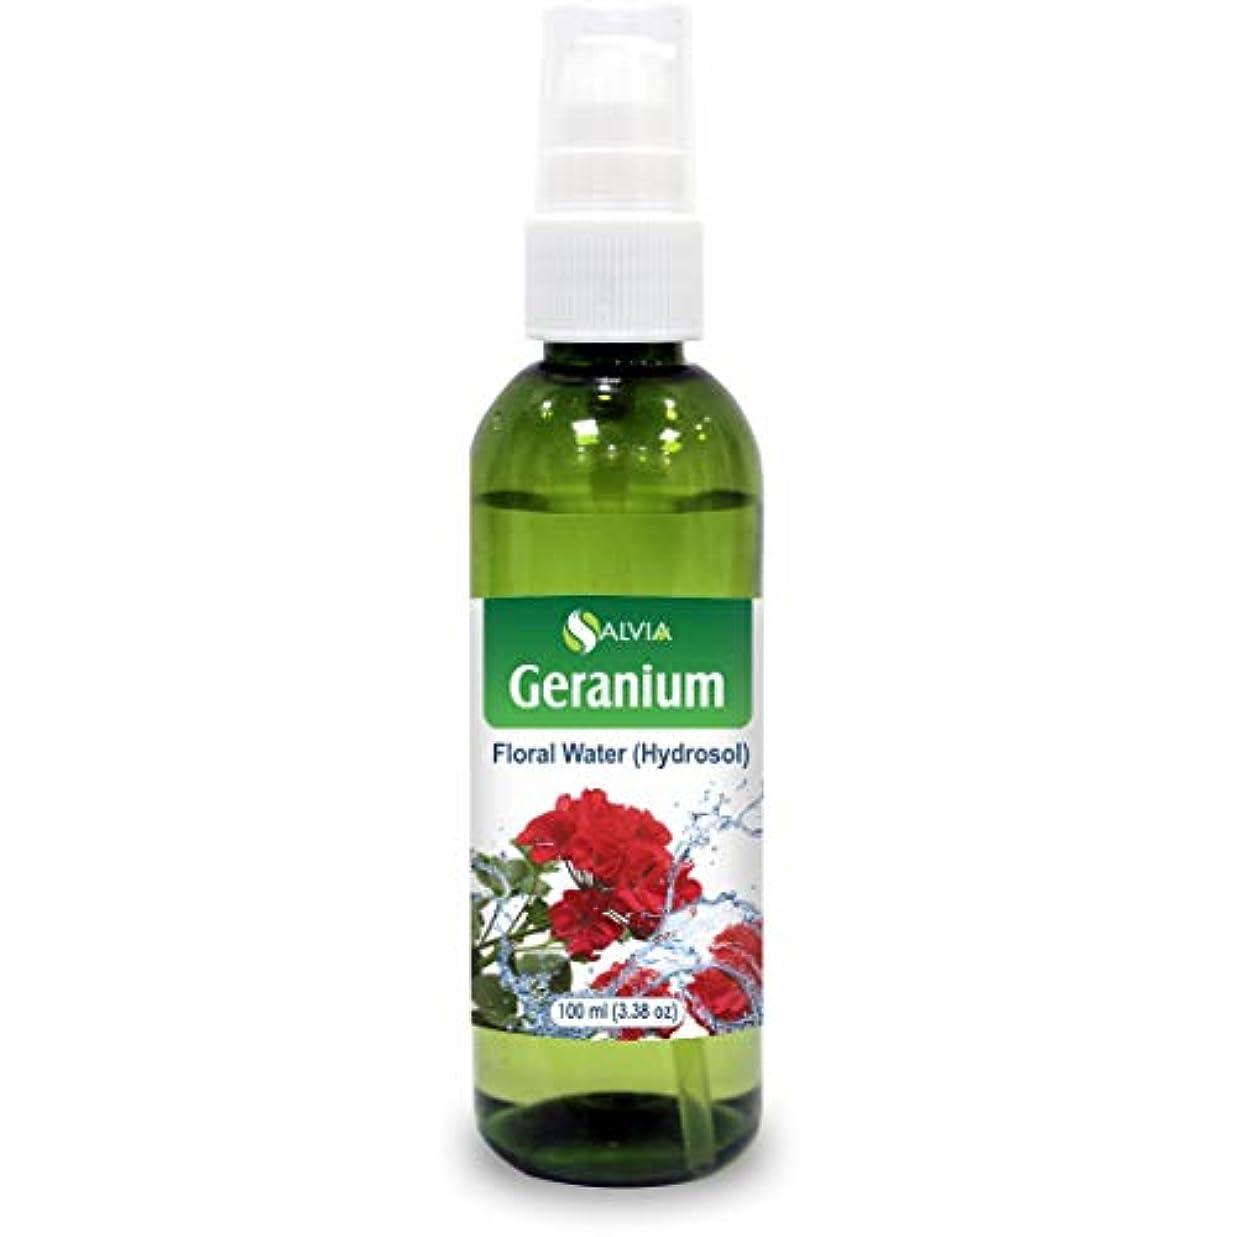 落ち着く不明瞭スクラップブックGeranium Floral Water 100ml (Hydrosol) 100% Pure And Natural